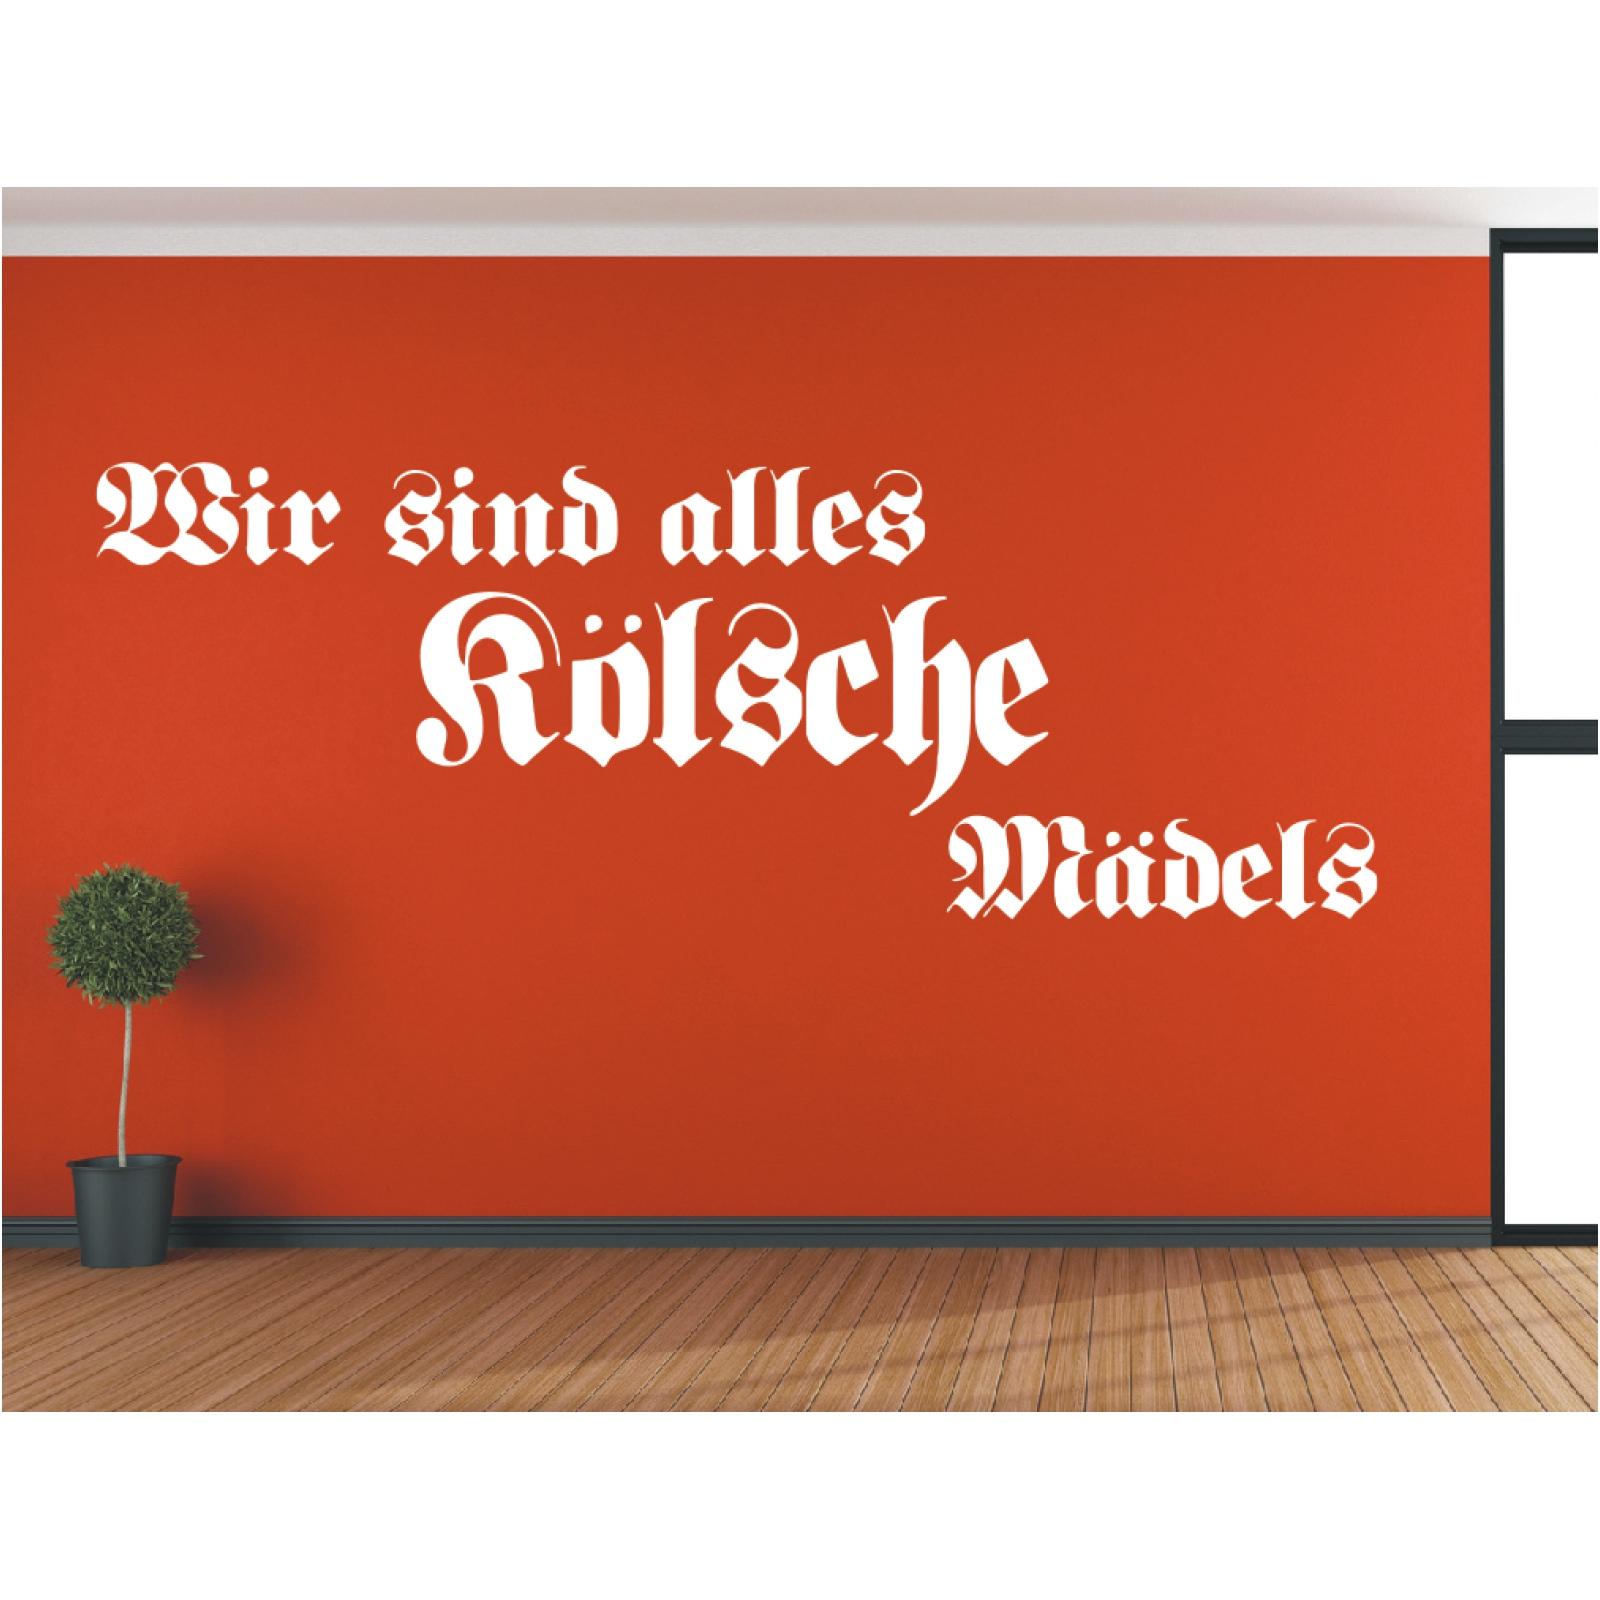 Faszinierend Wandtattoo Köln Sammlung Von Köln - Wir Sind Alles Kölsche Mädels